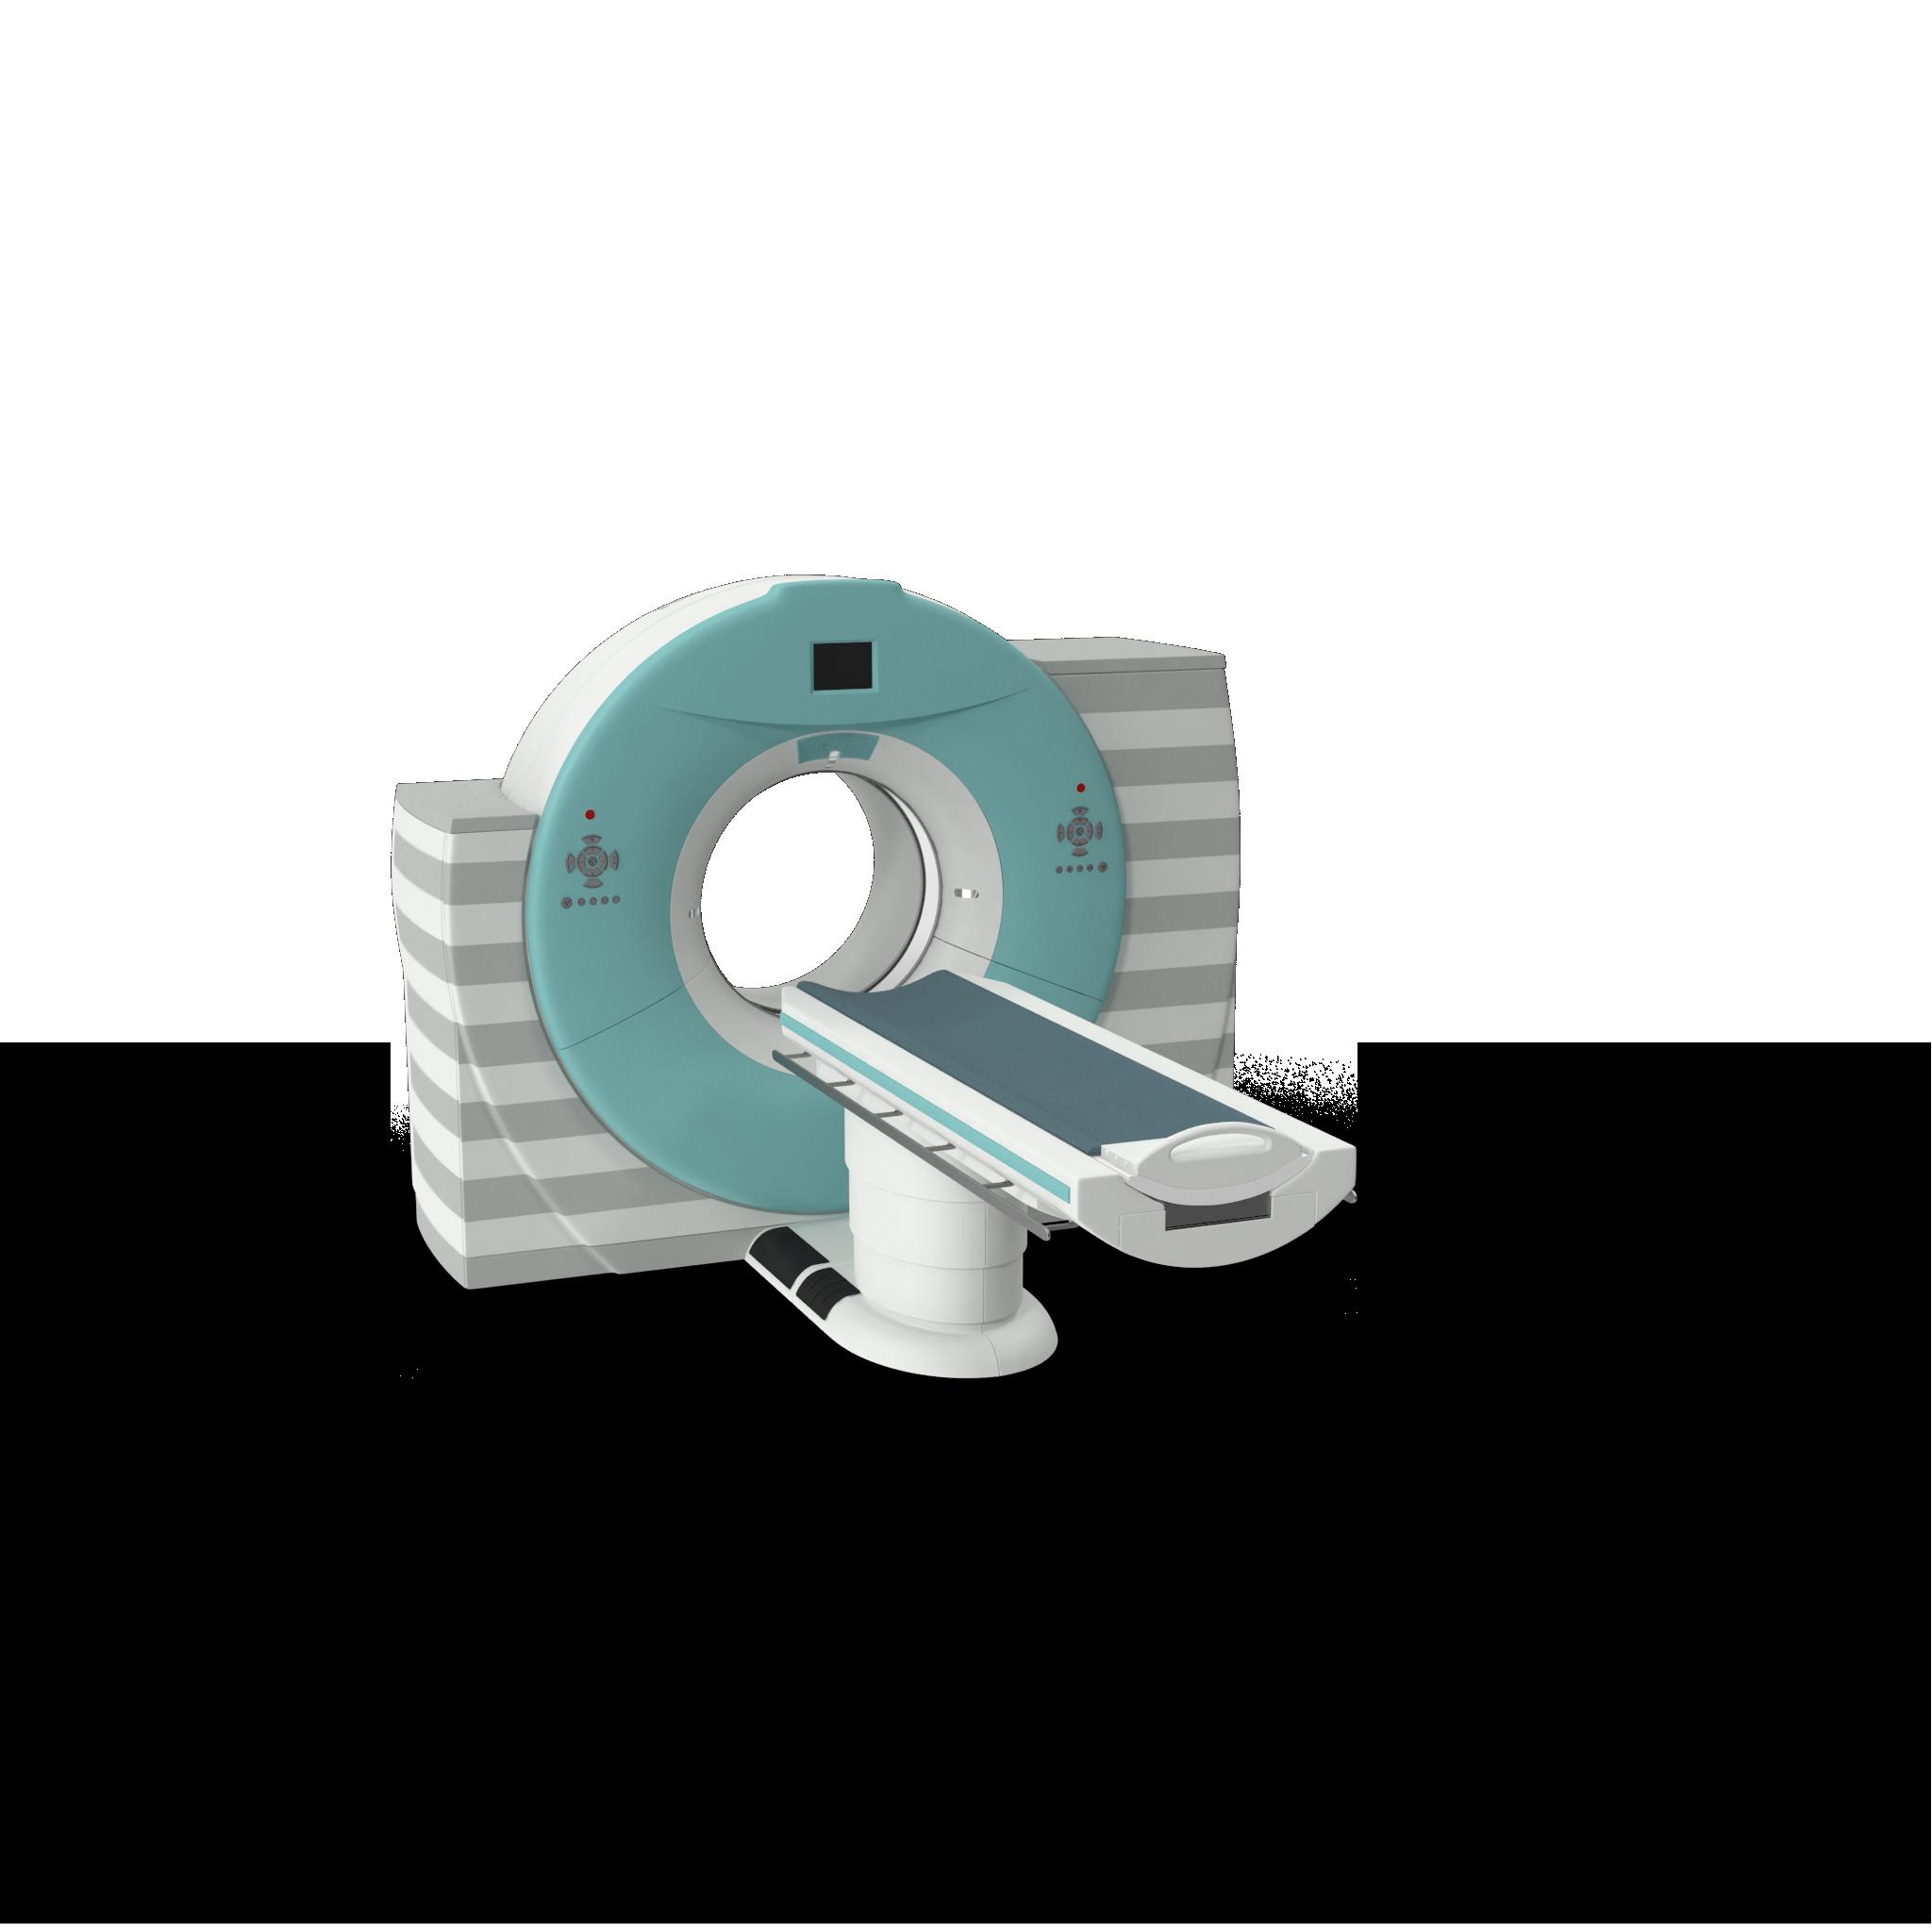 CT Scanner.H16.2k